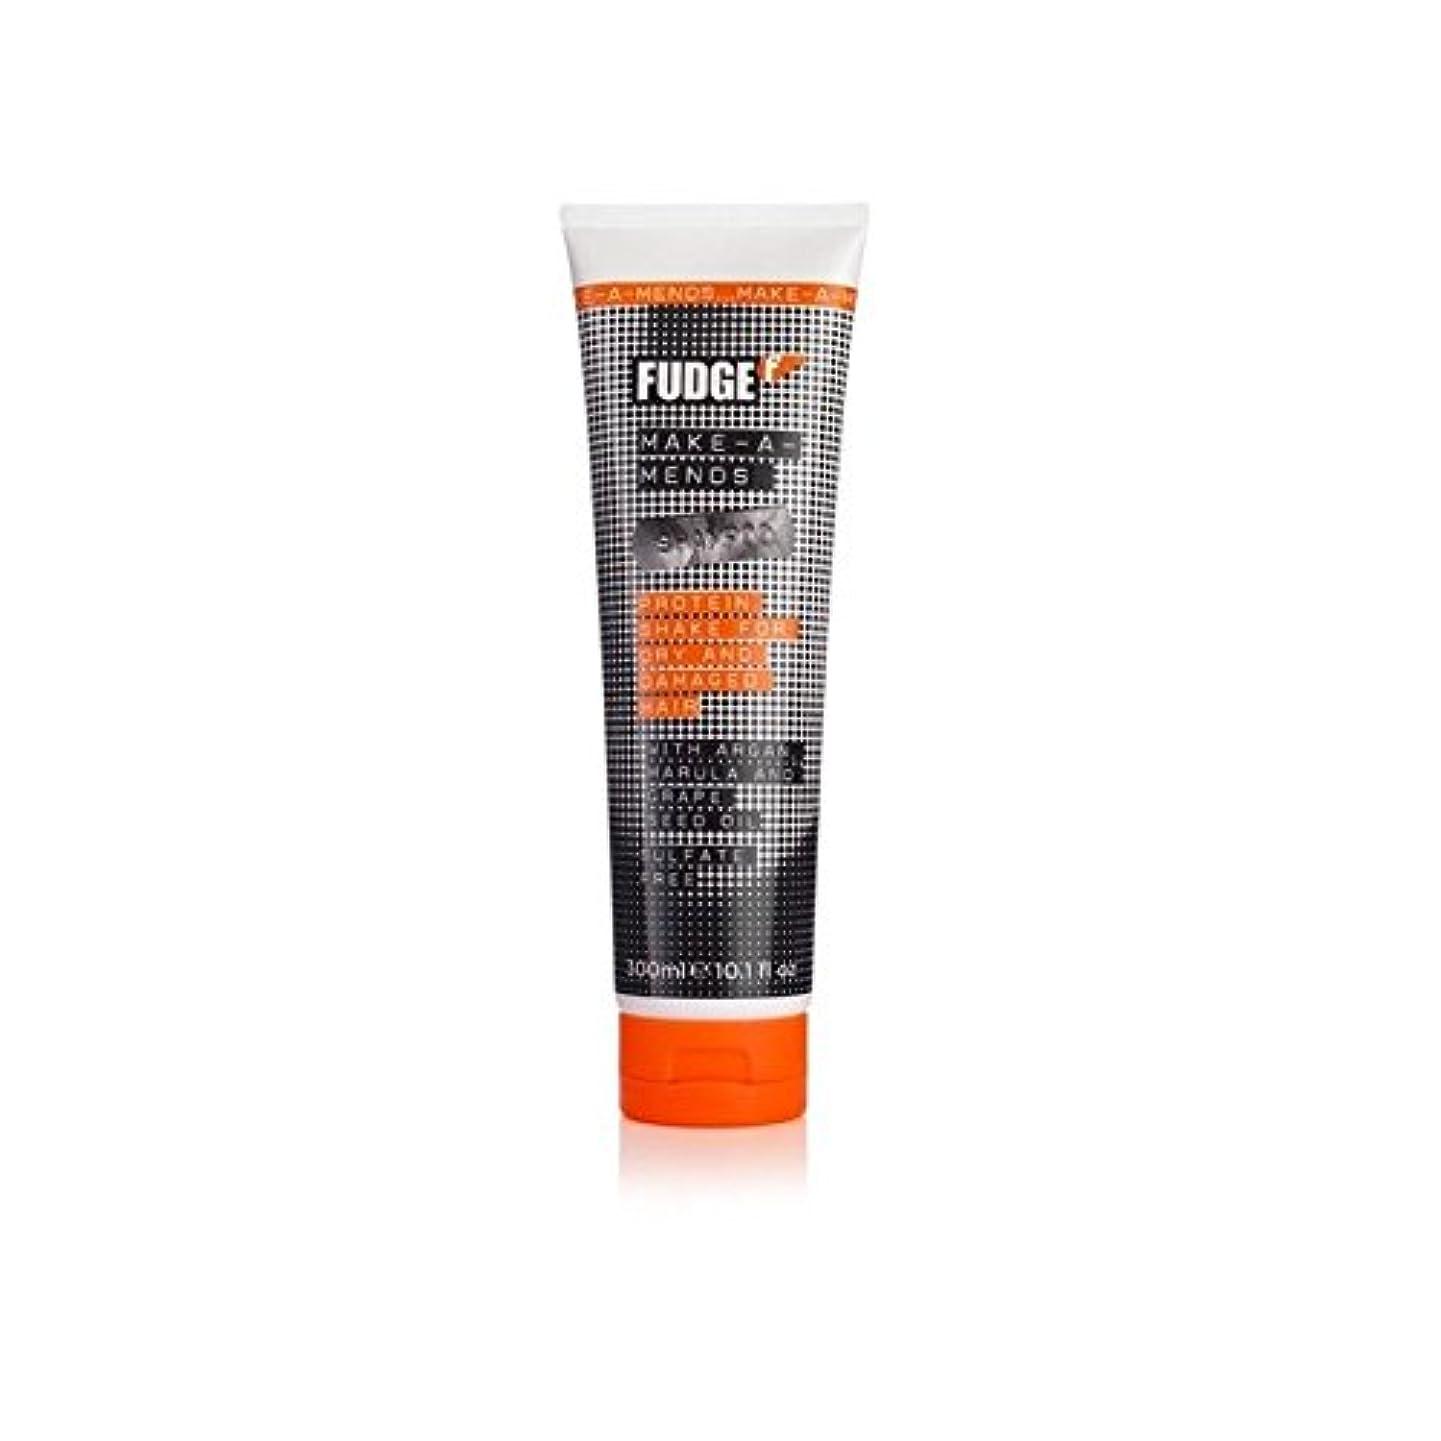 発症戸口アルプスFudge Make-A-Mends Shampoo (300ml) (Pack of 6) - ファッジメイク-シャンプー(300ミリリットル) x6 [並行輸入品]